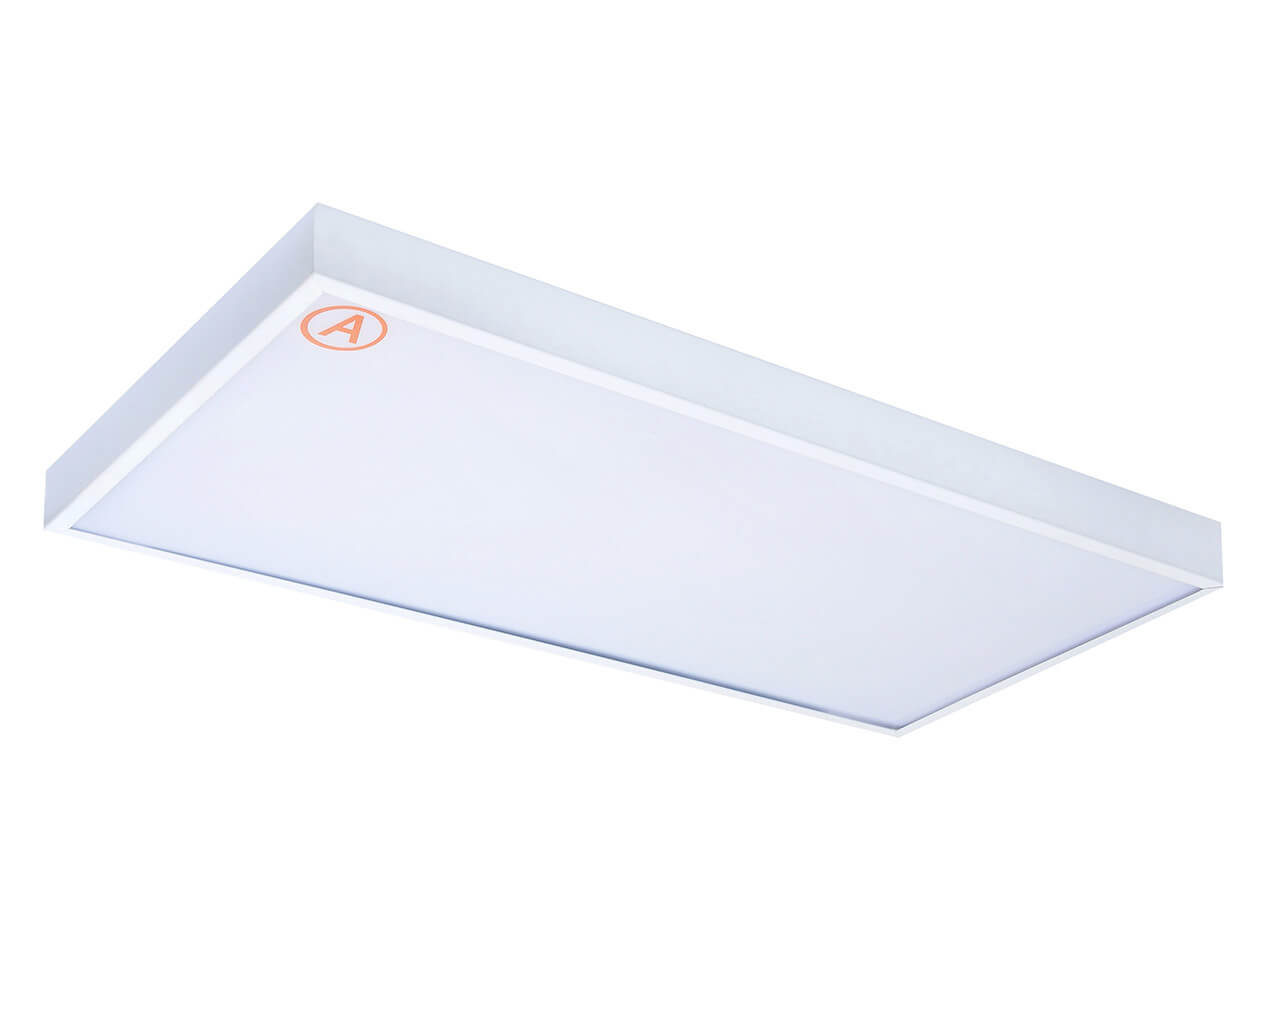 Накладной светильник LC-NSM-40K-OP-WW ватт 595x295 Теплый белый Опал с Бап